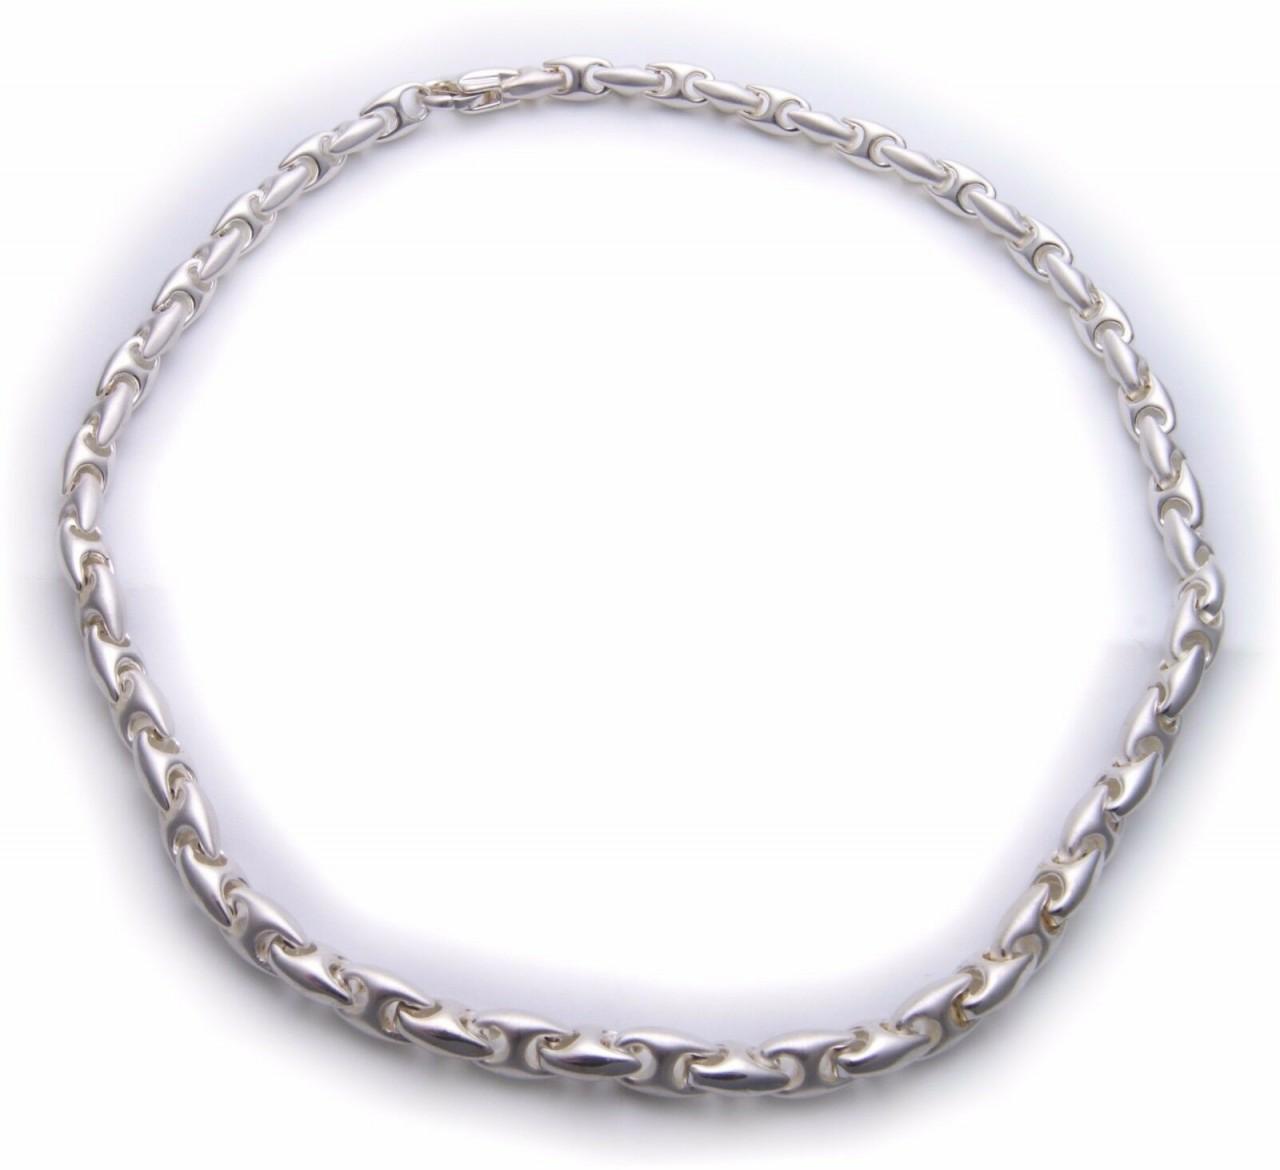 Damen Collier in Silber 925 massiv 45 cm teilmattiert Sterlingsilber Halskette